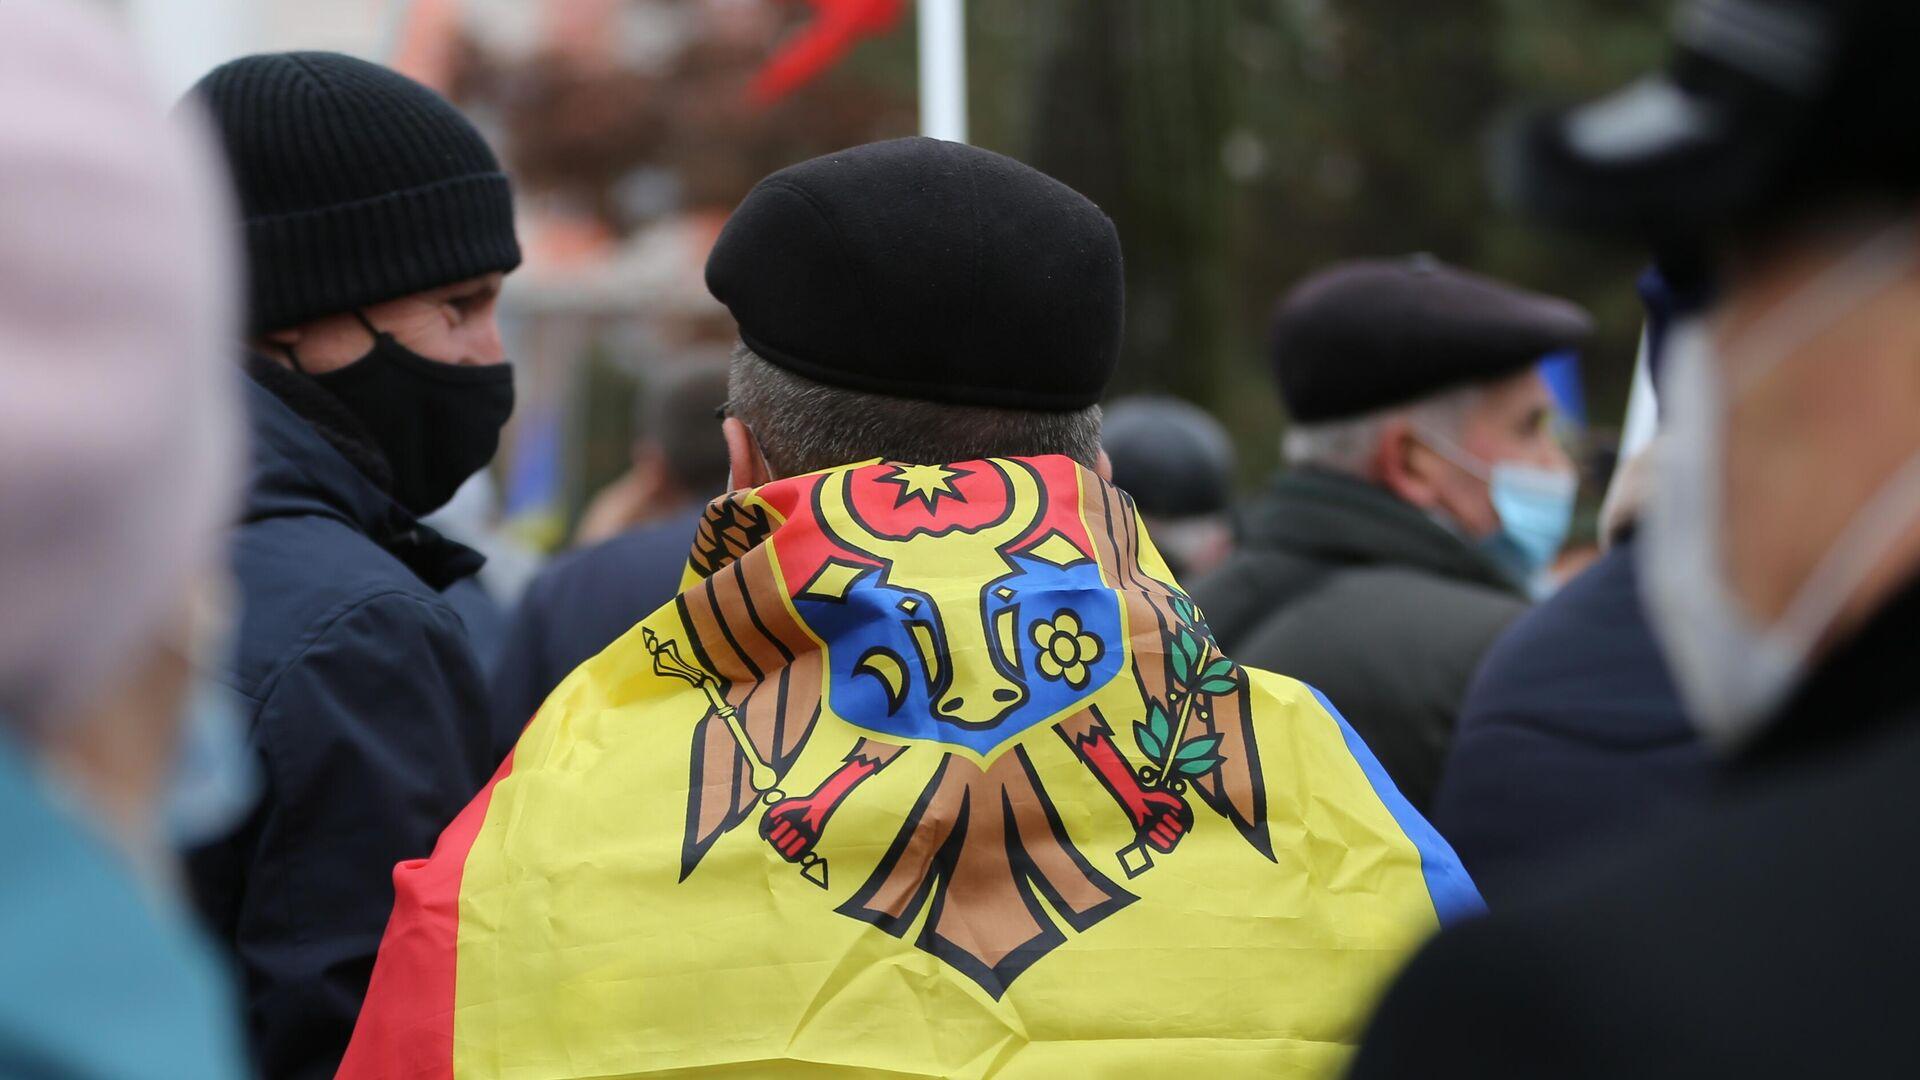 Флаг Молдавии на спине участника акции сторонников избранного президента Молдавии Майи Санду у здания парламента в Кишиневе - РИА Новости, 1920, 07.12.2020